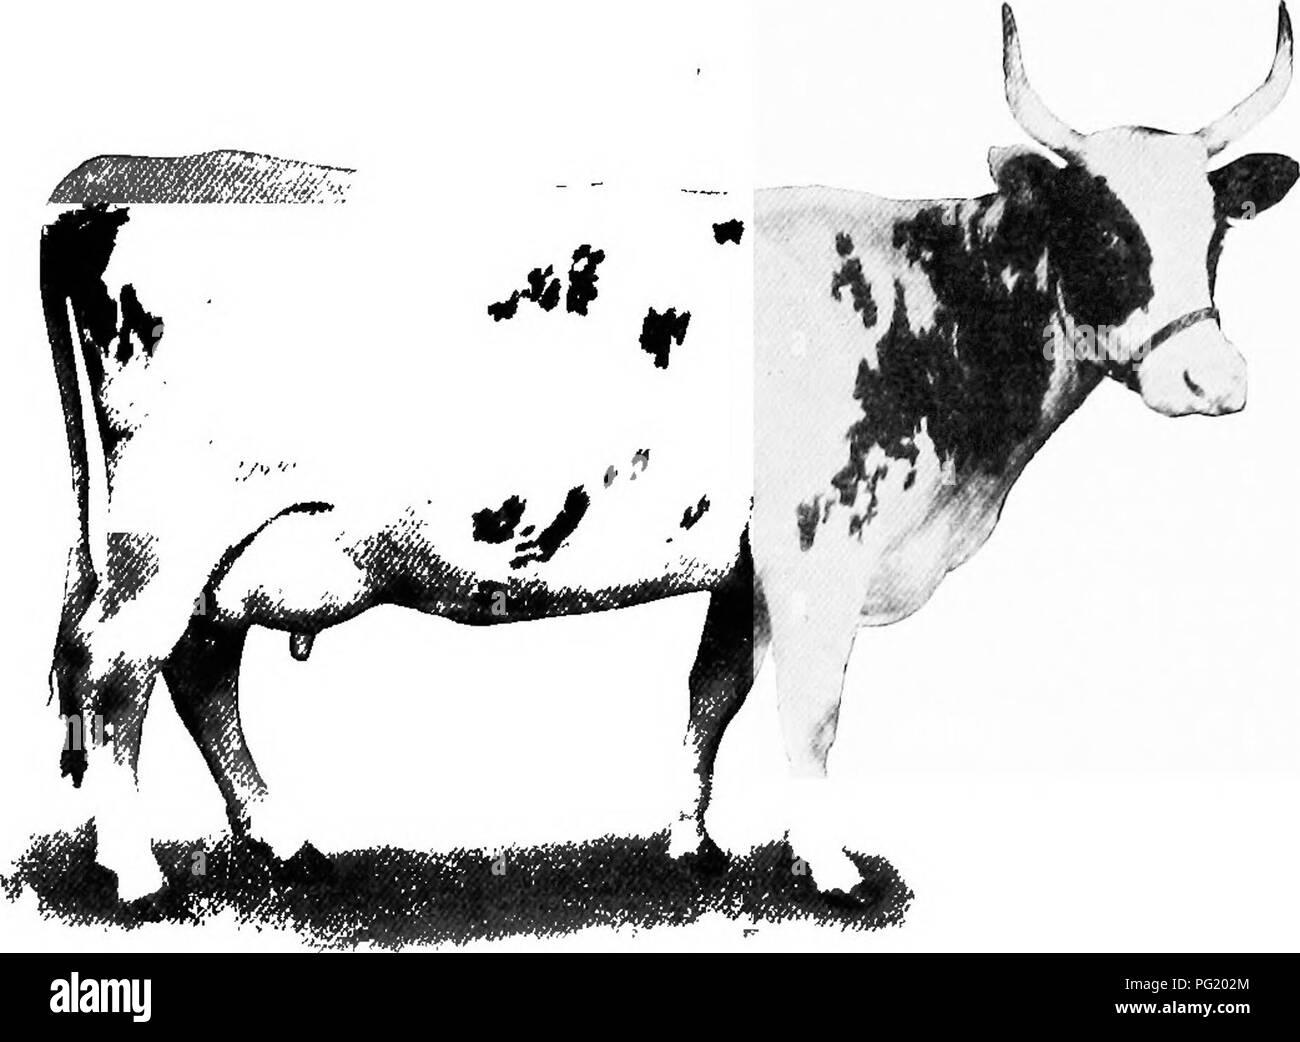 Breeding cows hiring a breeding cow part